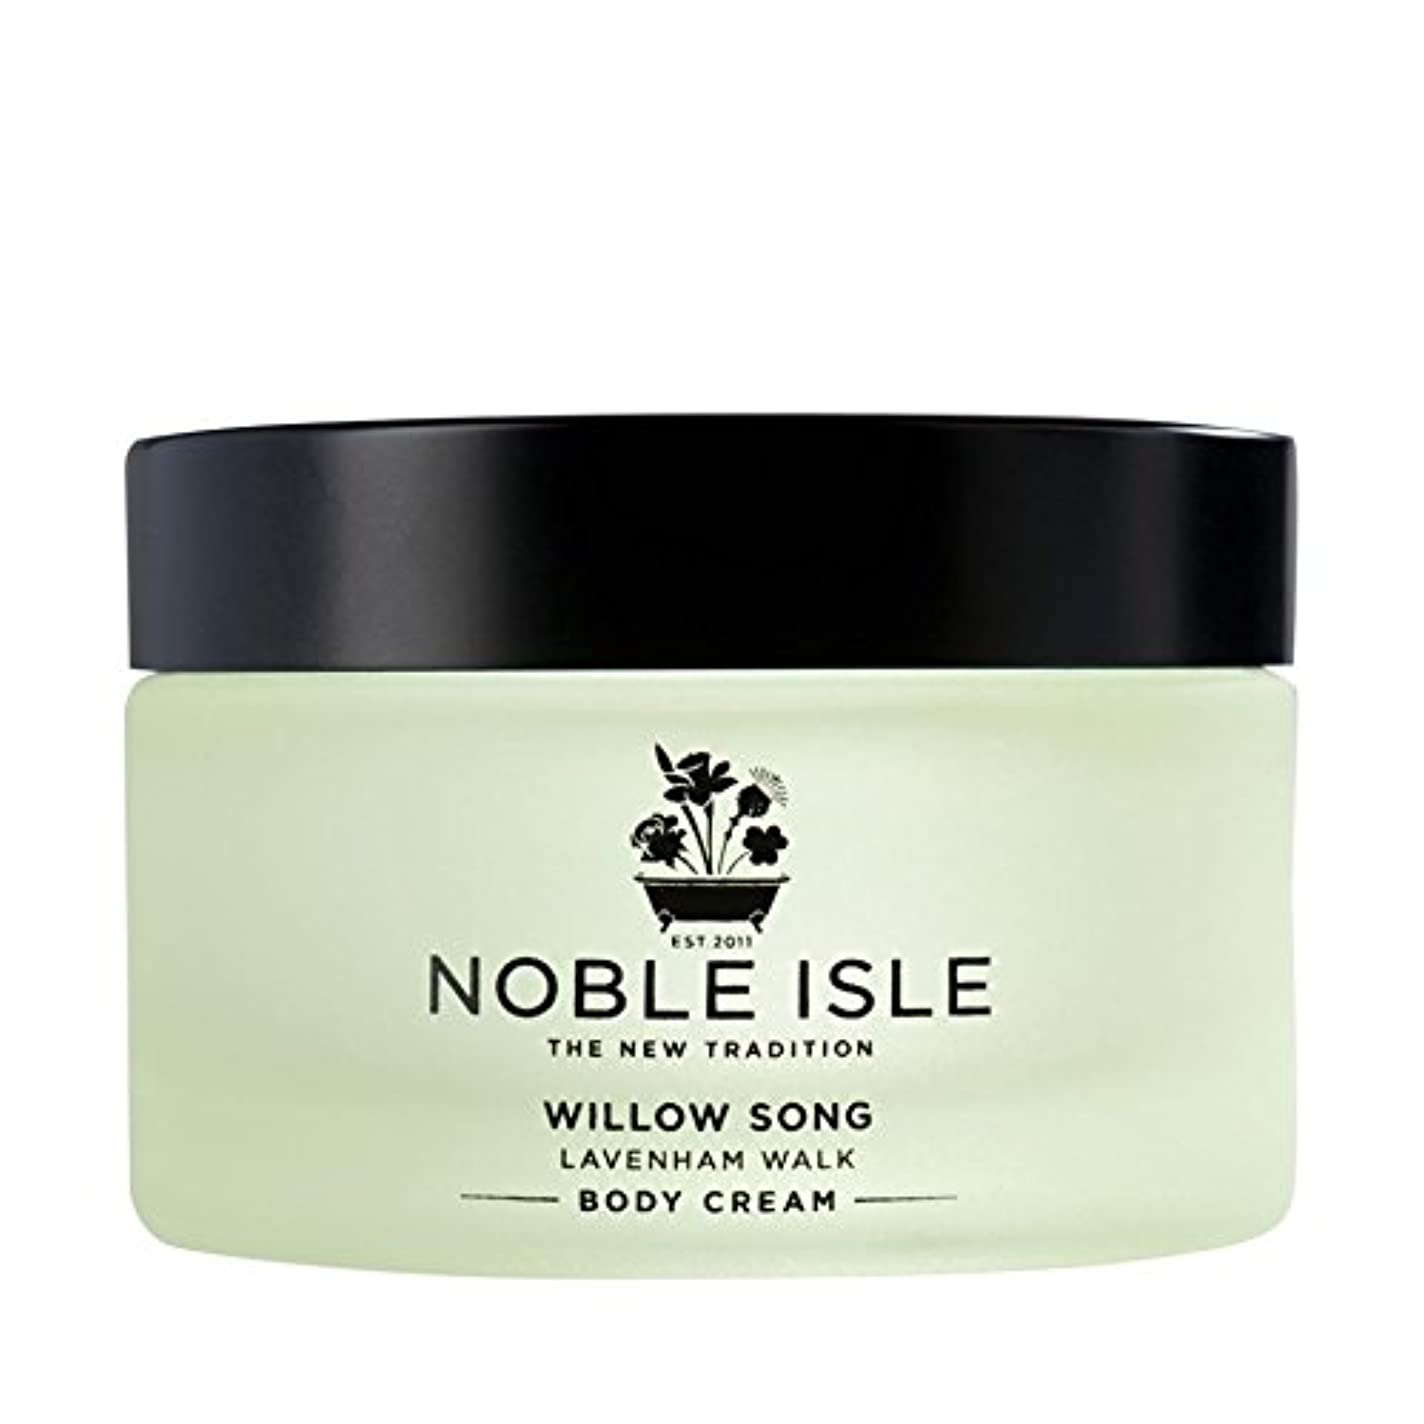 全員乱気流研磨高貴な島柳の歌ラヴァンハム徒歩ボディクリーム170ミリリットル x2 - Noble Isle Willow Song Lavenham Walk Body Cream 170ml (Pack of 2) [並行輸入品]